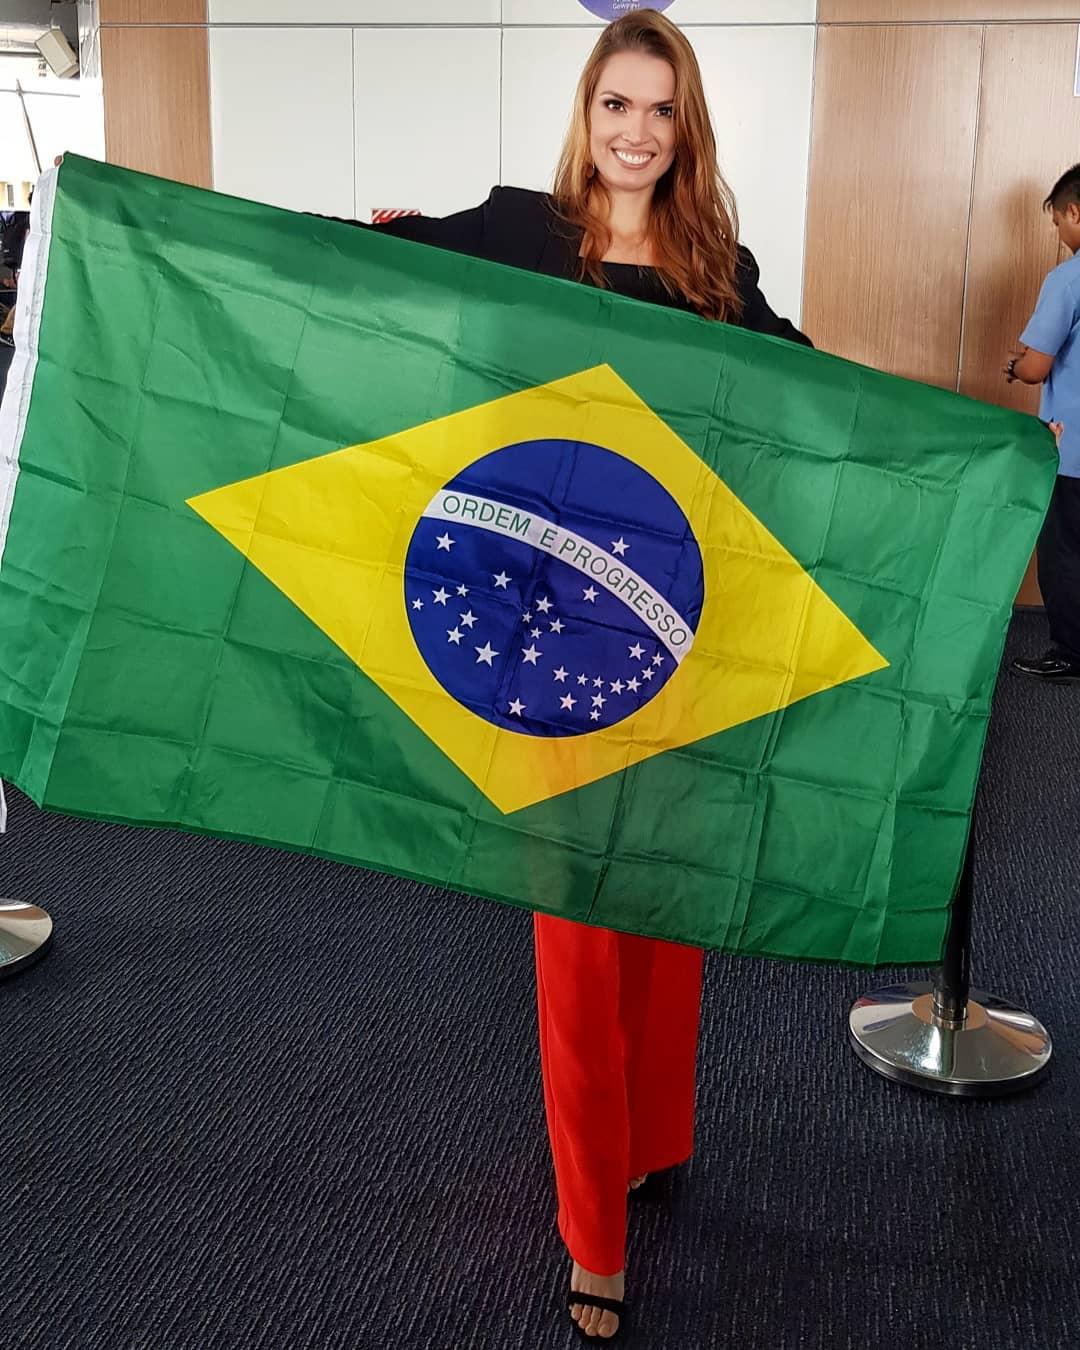 hanna weiser, top 15 de supermodel international 2018/top 10 de miss brasil mundo 2014. - Página 2 39956810